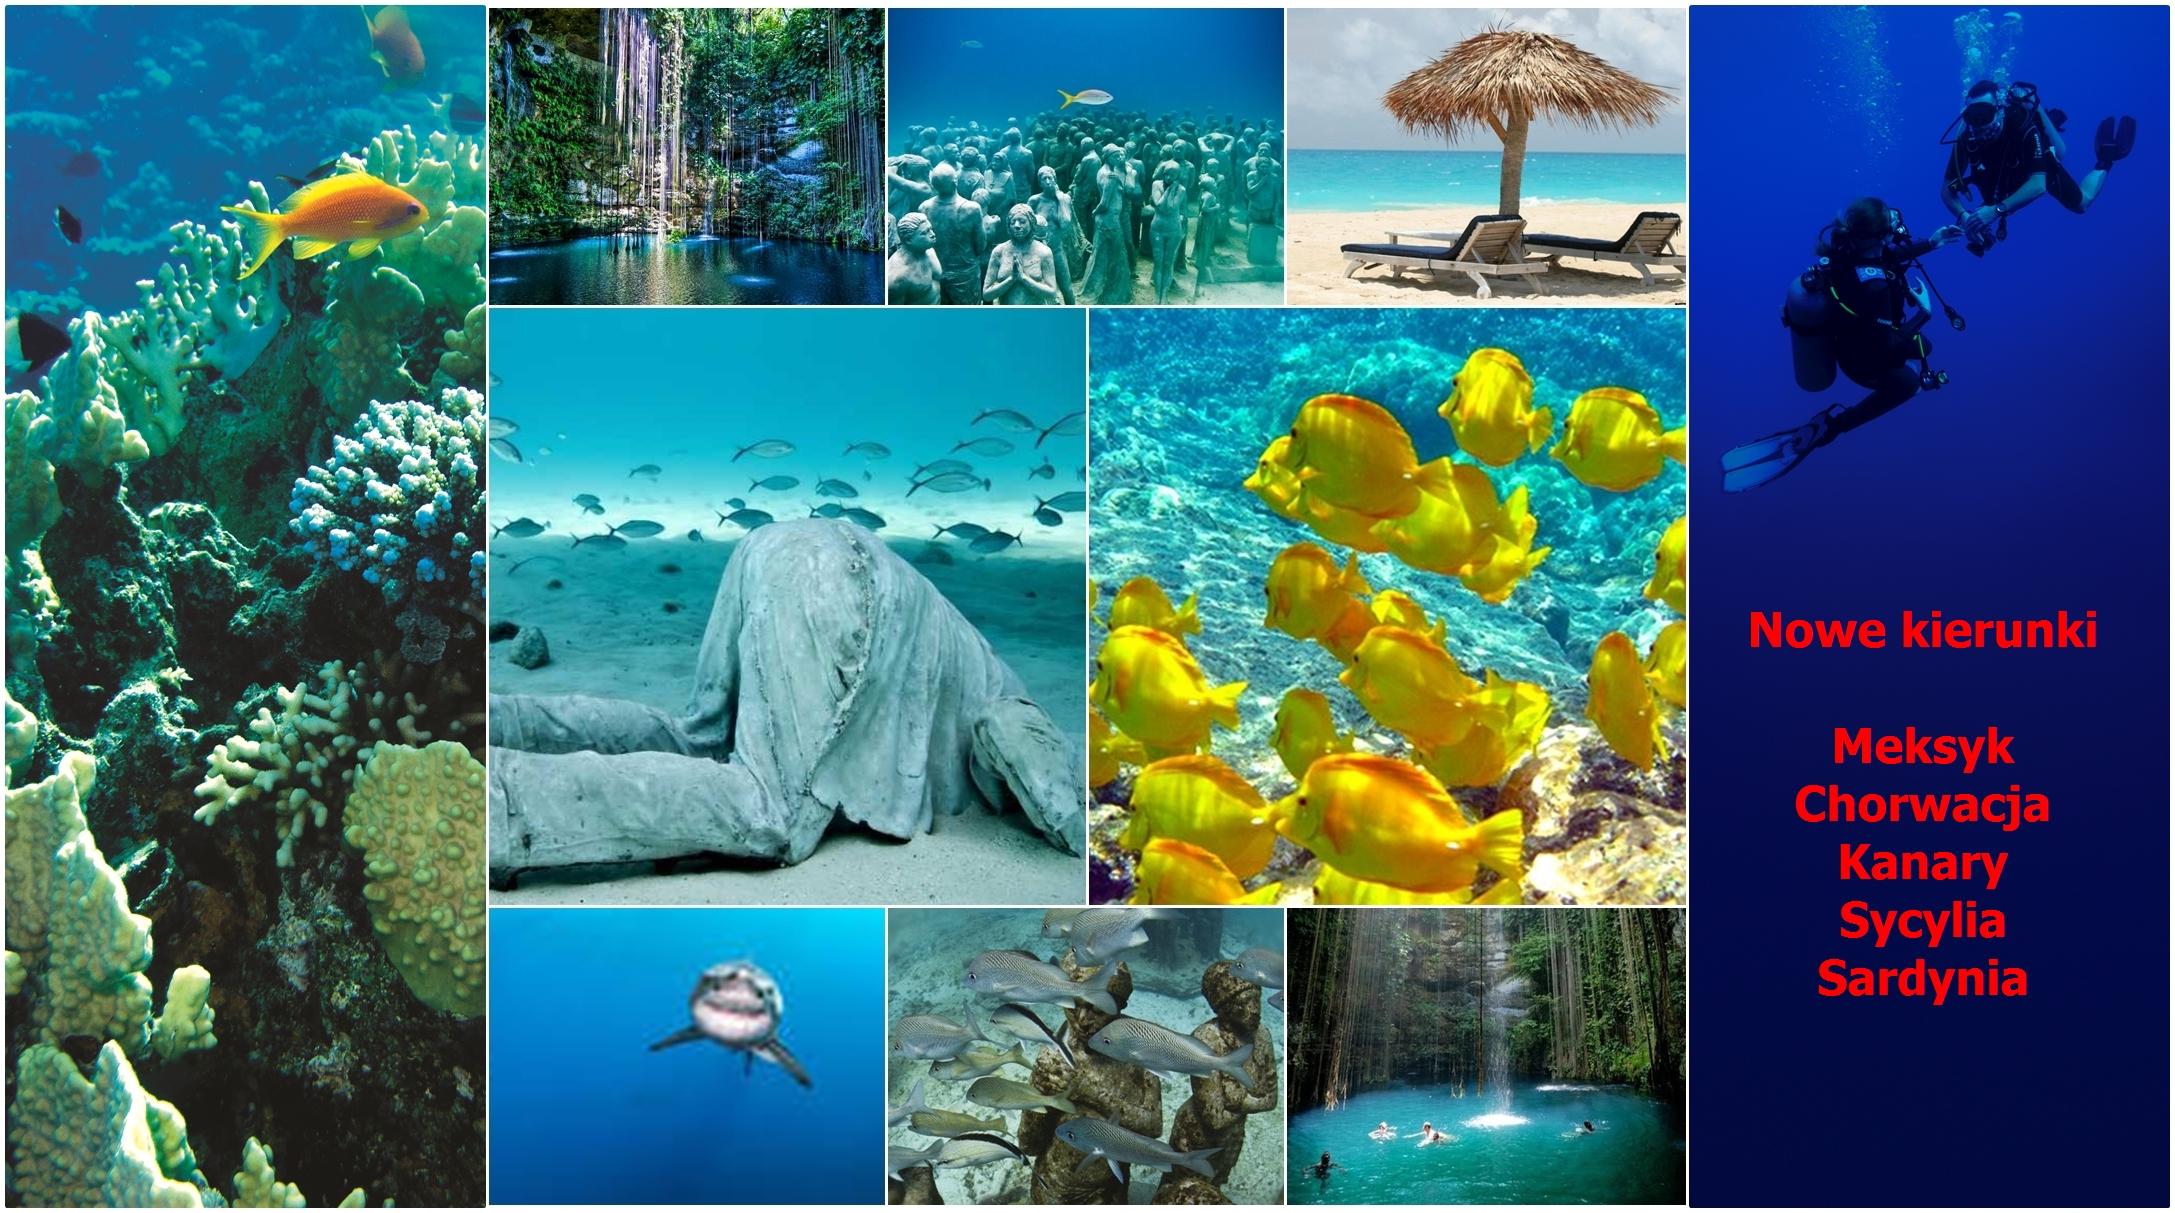 nurkowanie w Chorwacji, Kanarach, Meksyku, Sycylii, Sardynii